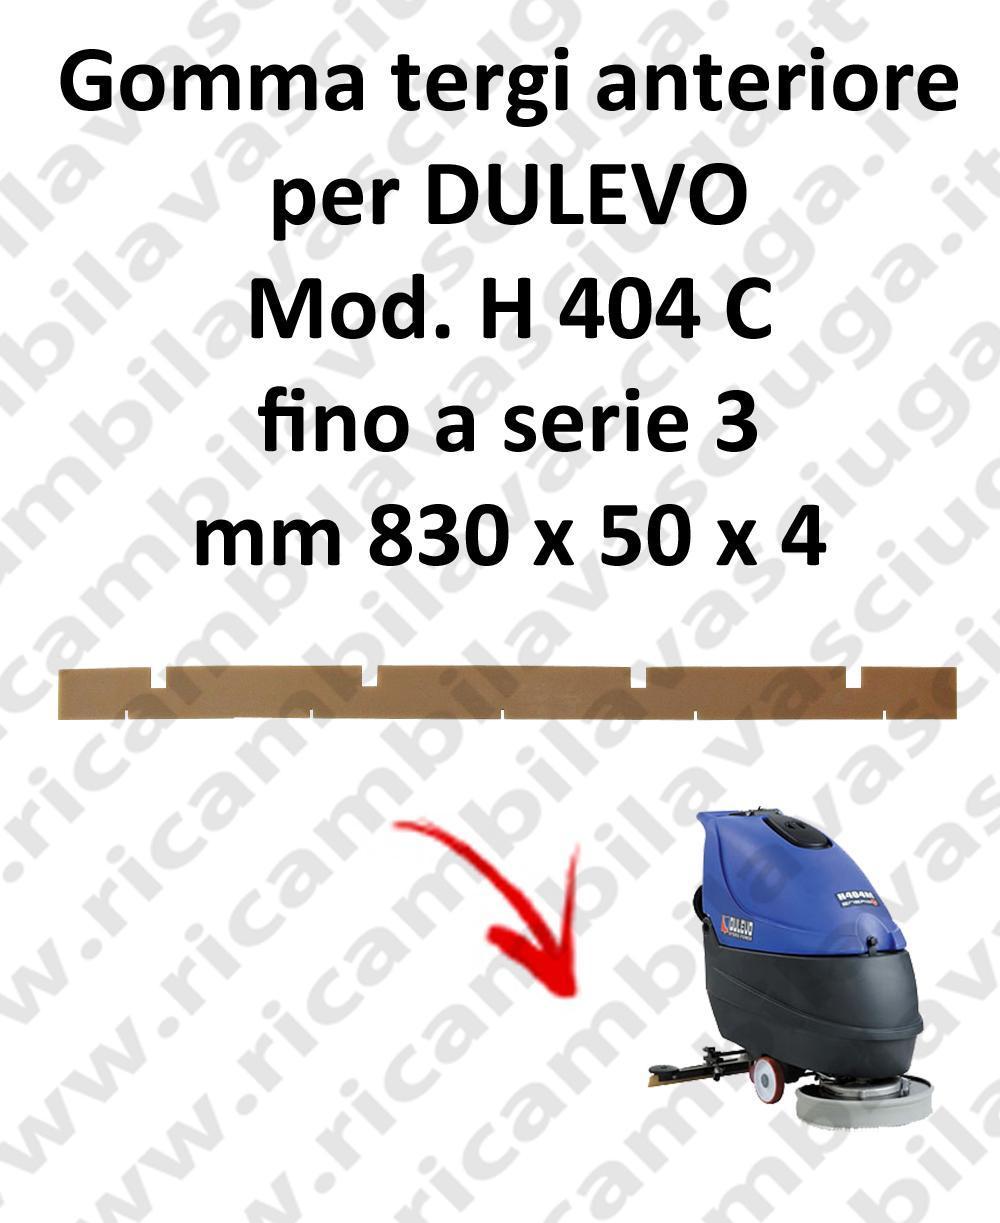 H 404 C Vorne sauglippen für scheuersaugmaschinen bis zurSeriennummer 3 DULEVO